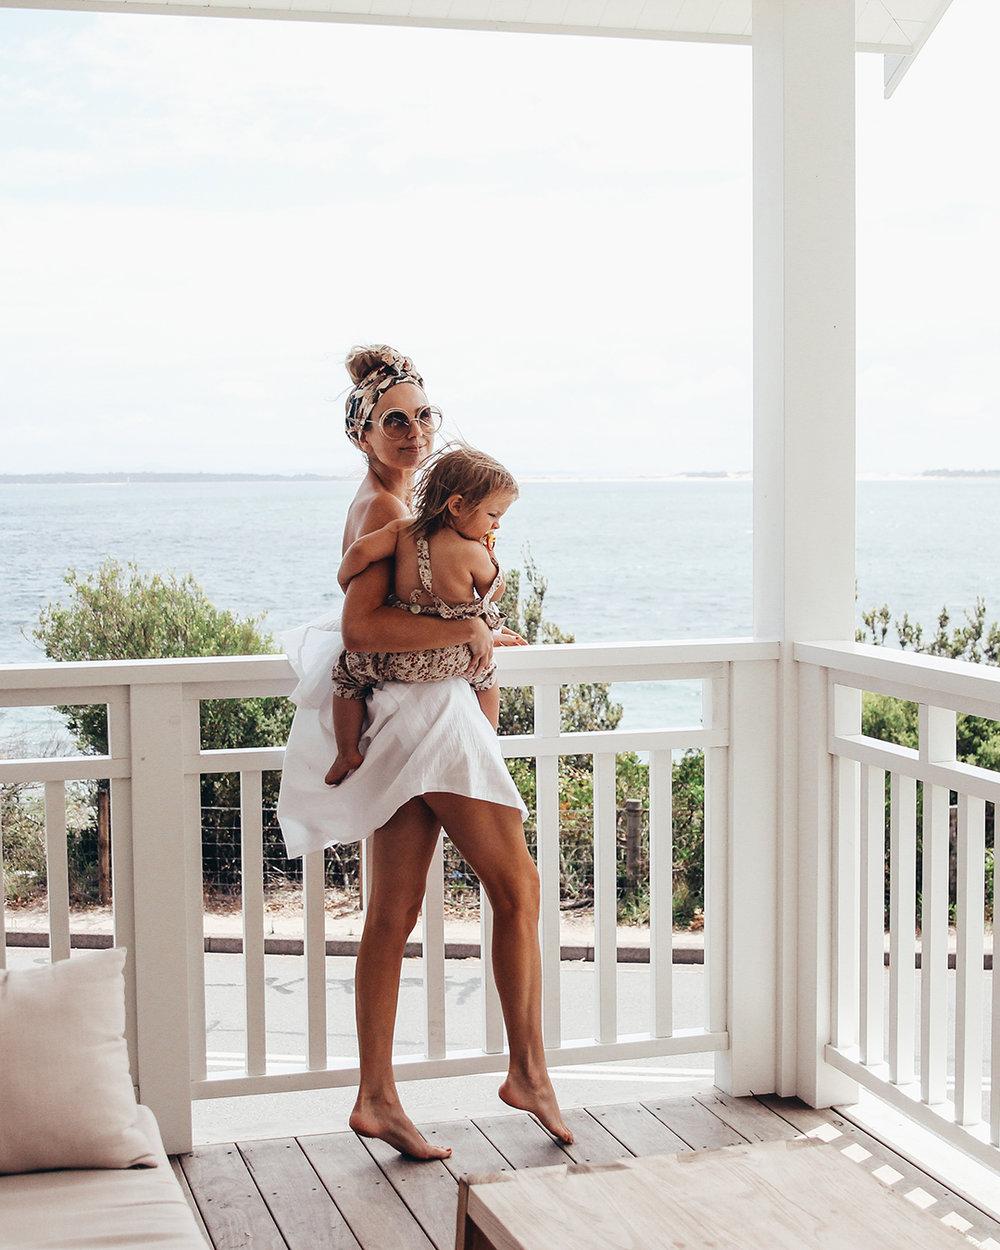 Marcia + Poppy on the Salt One balcony.